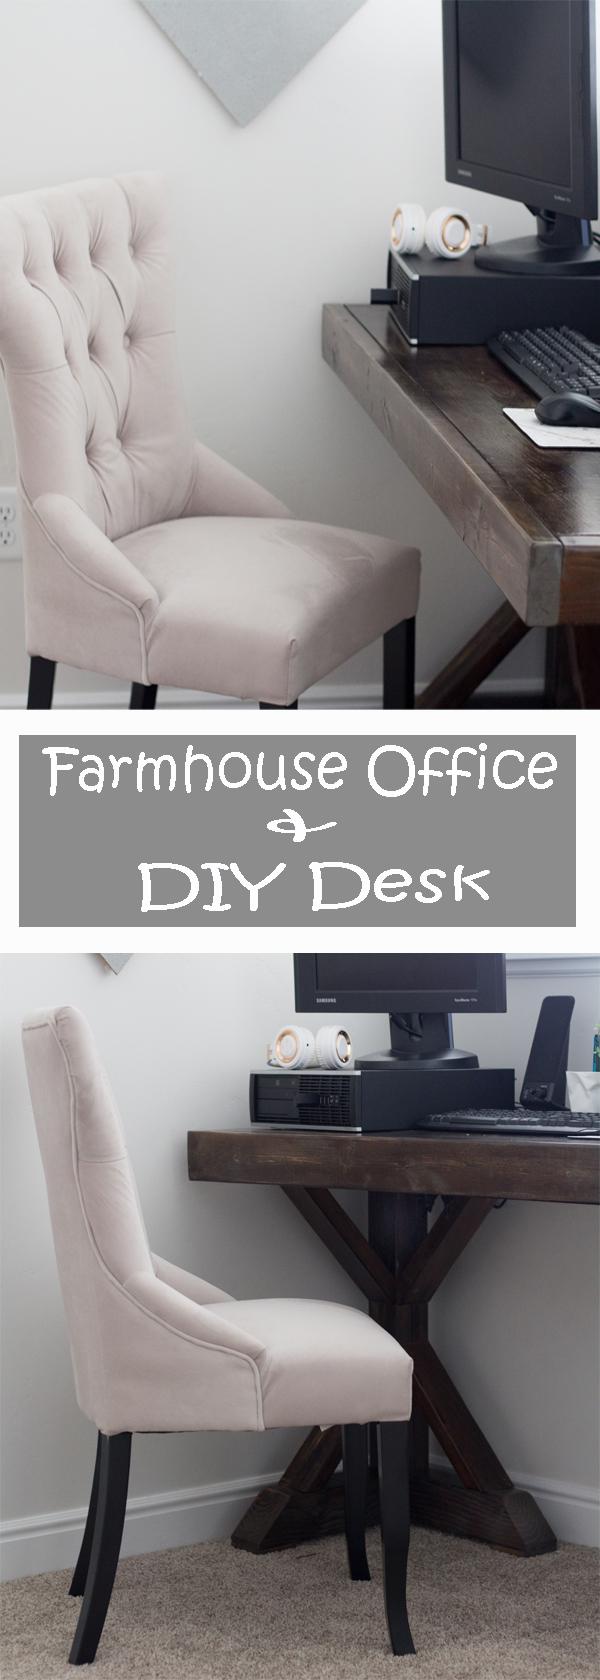 Farmhouse Office and DIY Desk